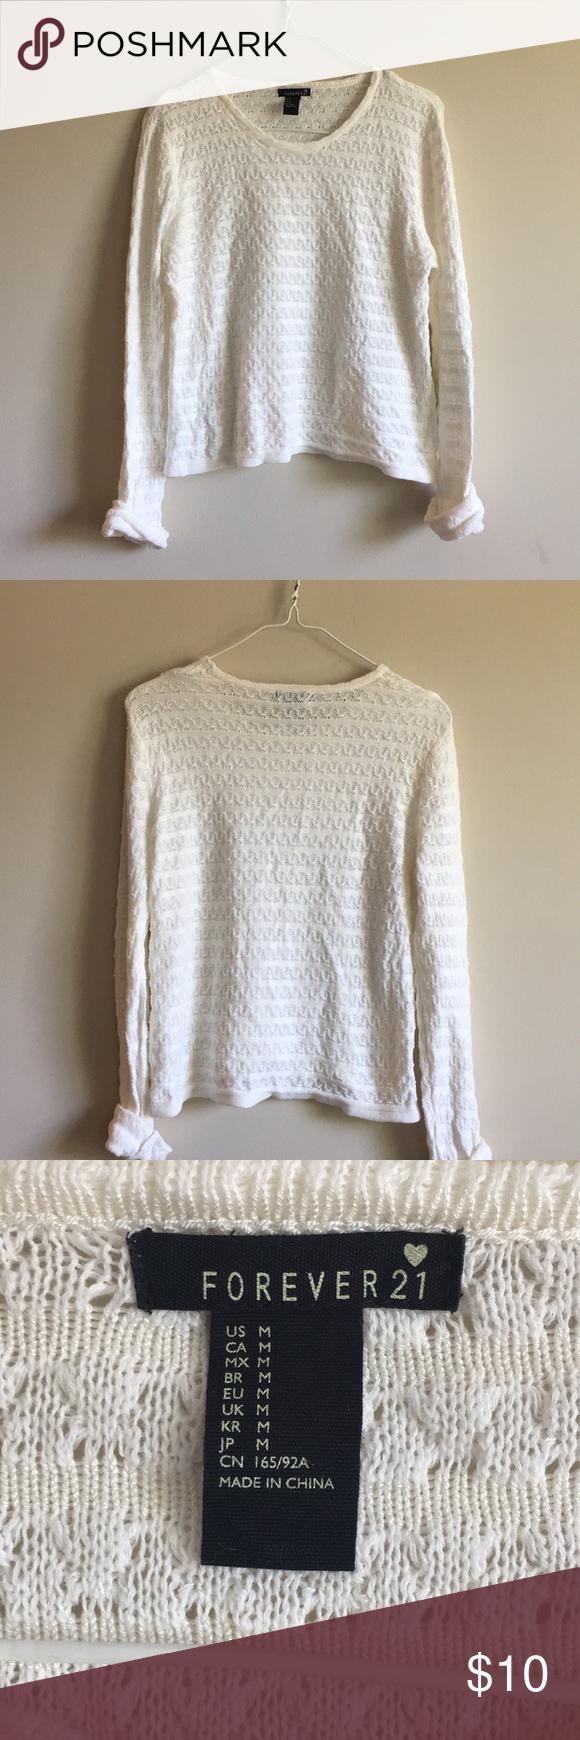 Forever 21 Cream/White Knitted Sweater | Cream white, Forever 21 ...